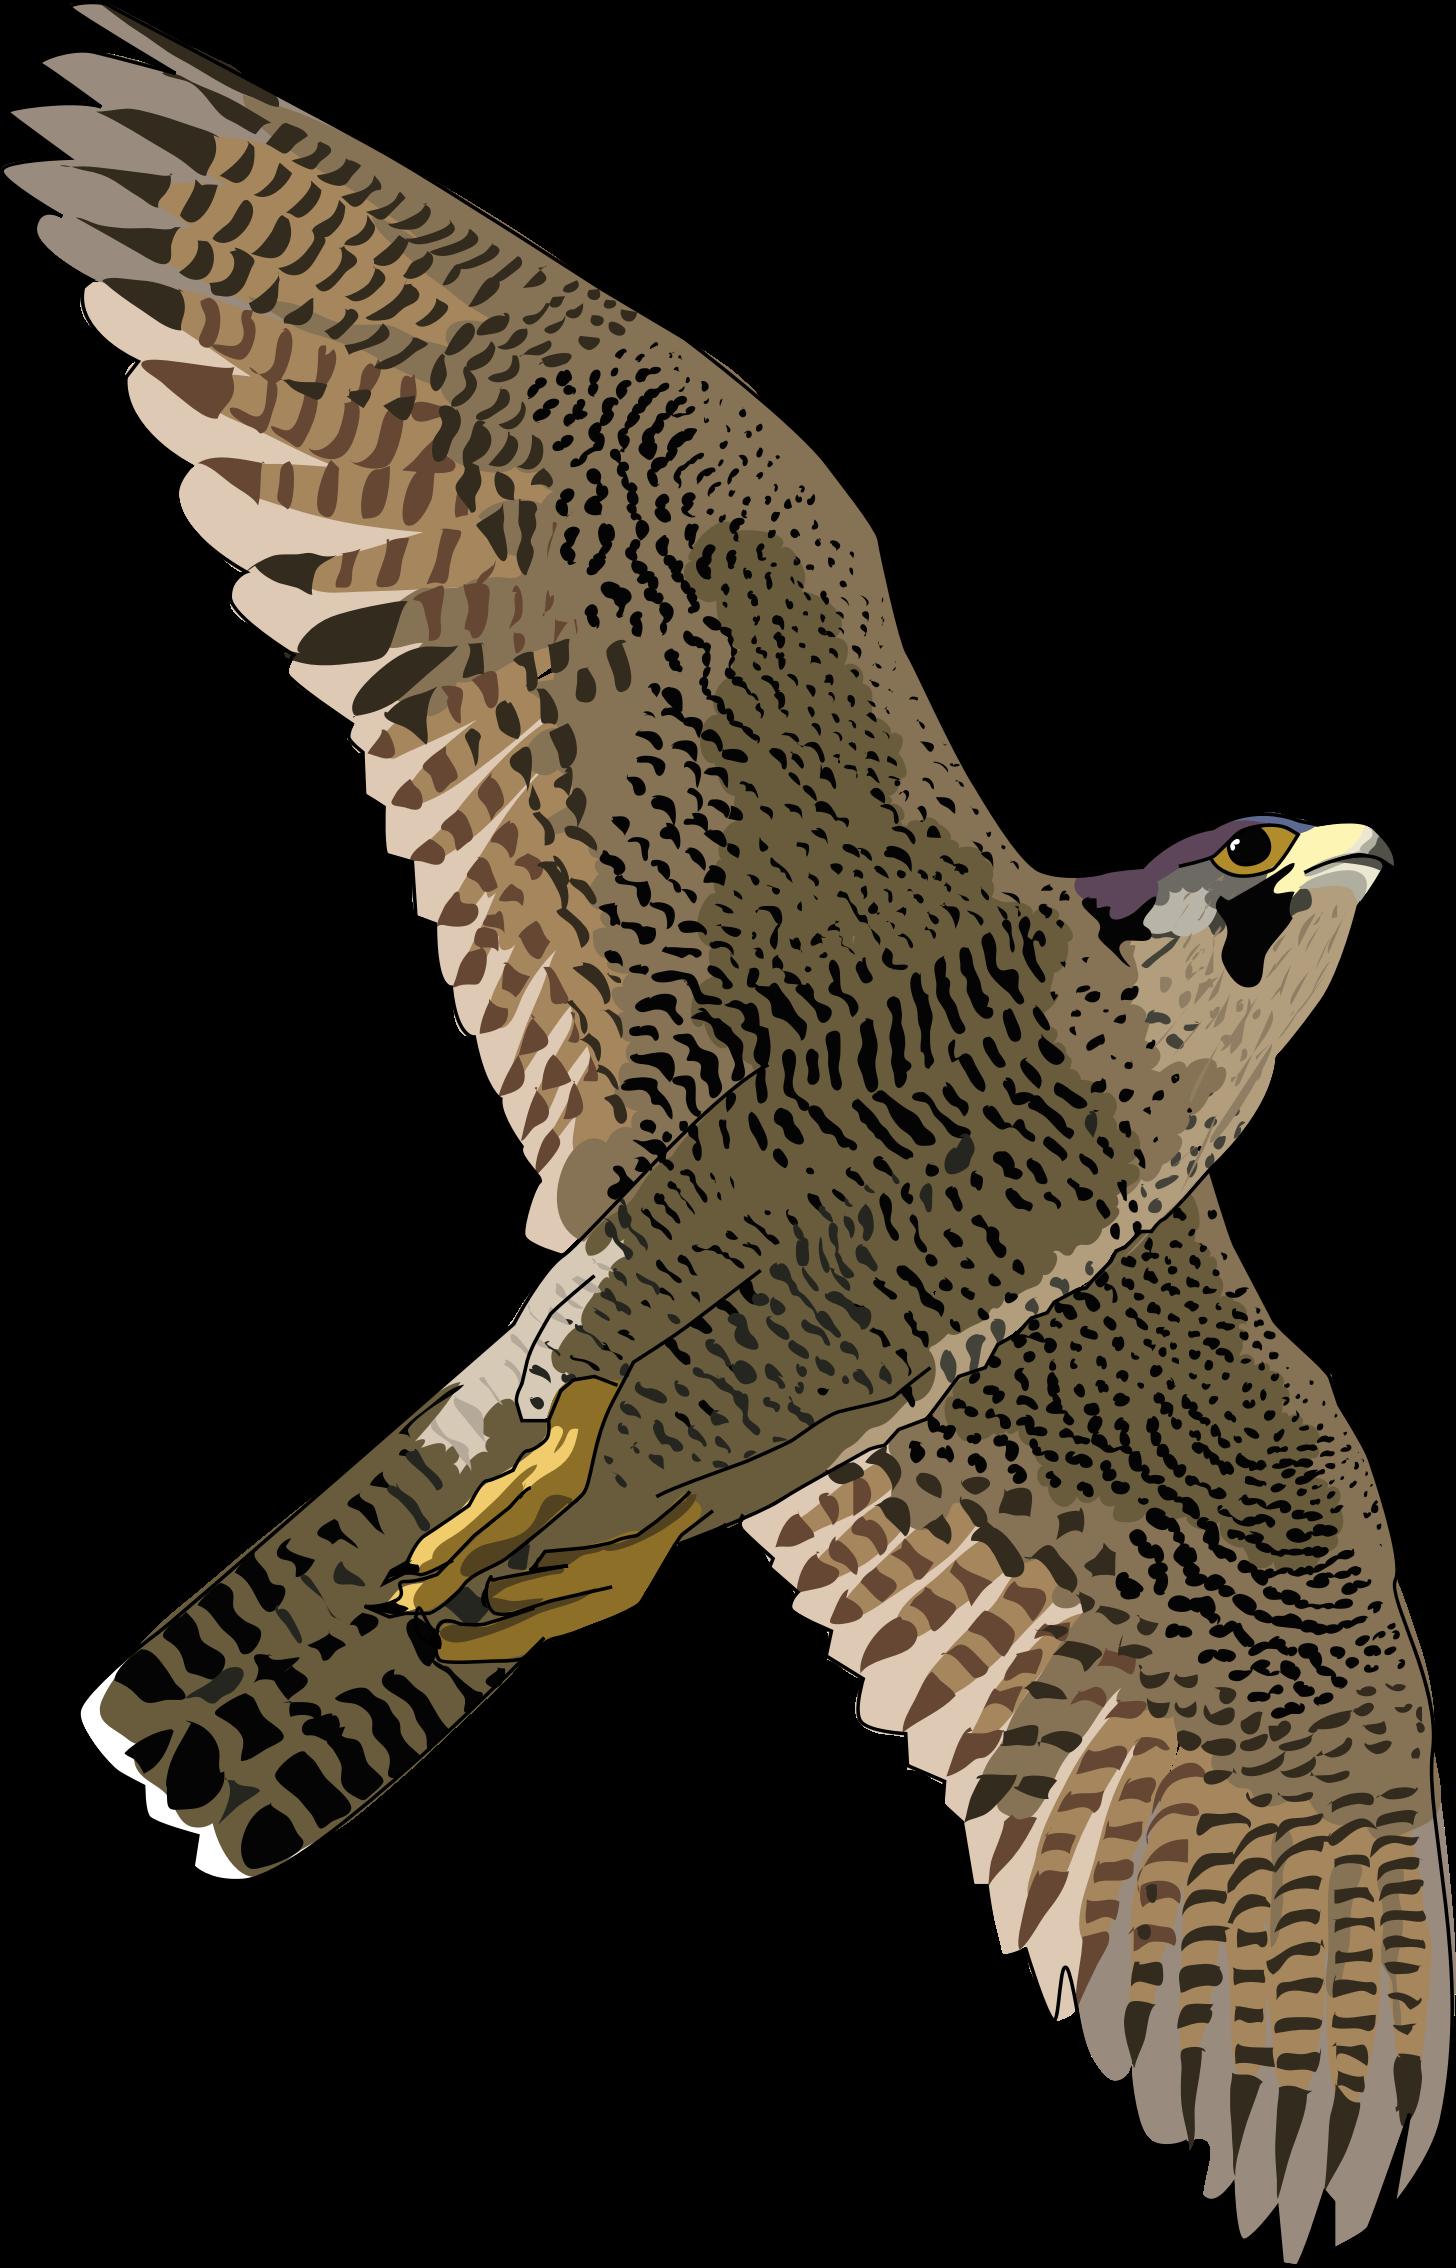 Falcon PNG Transparent Images.